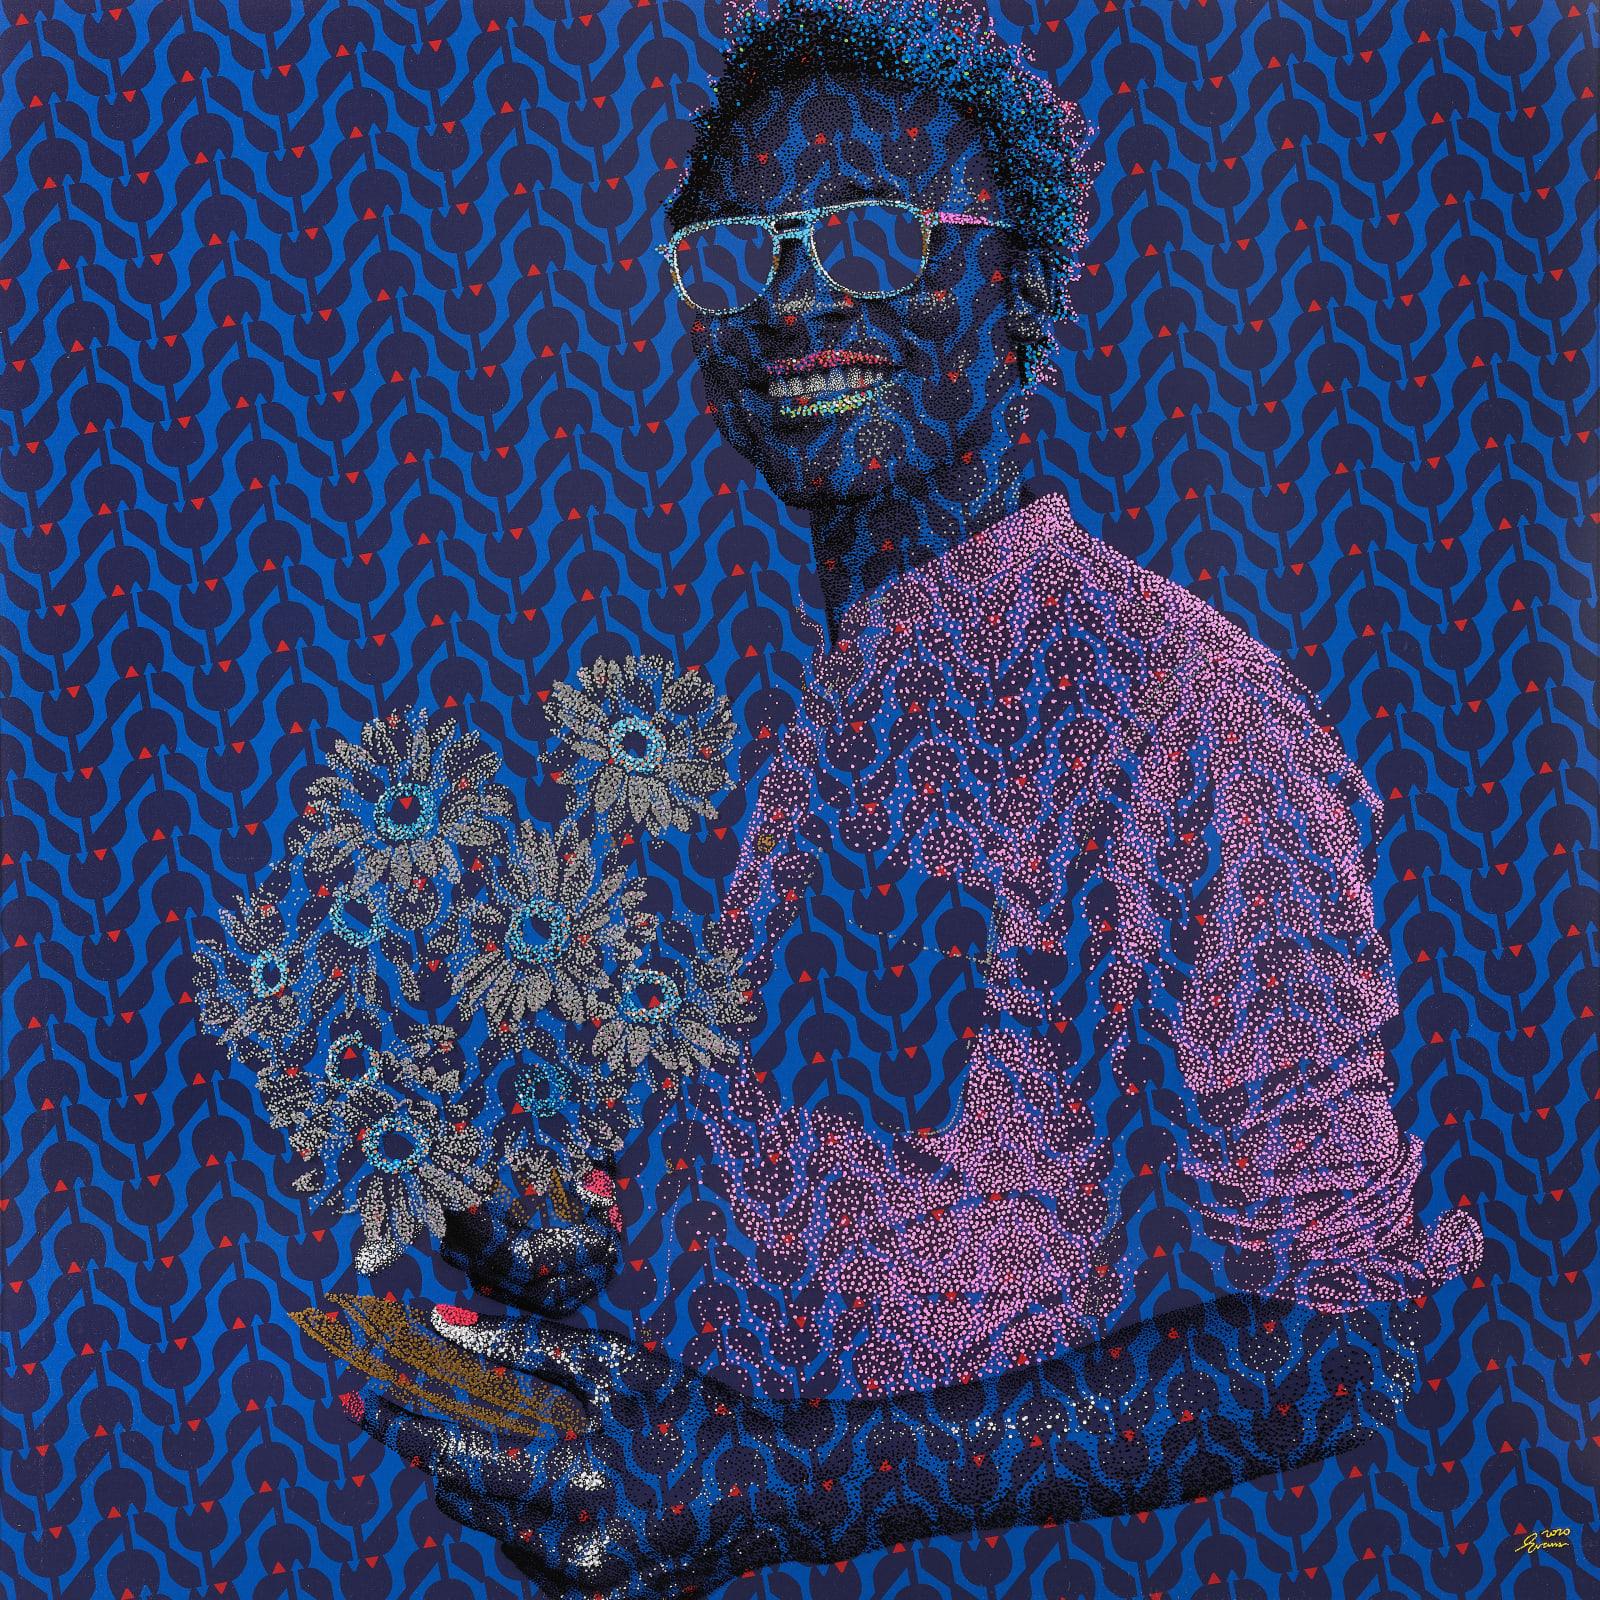 Evans Mbugua